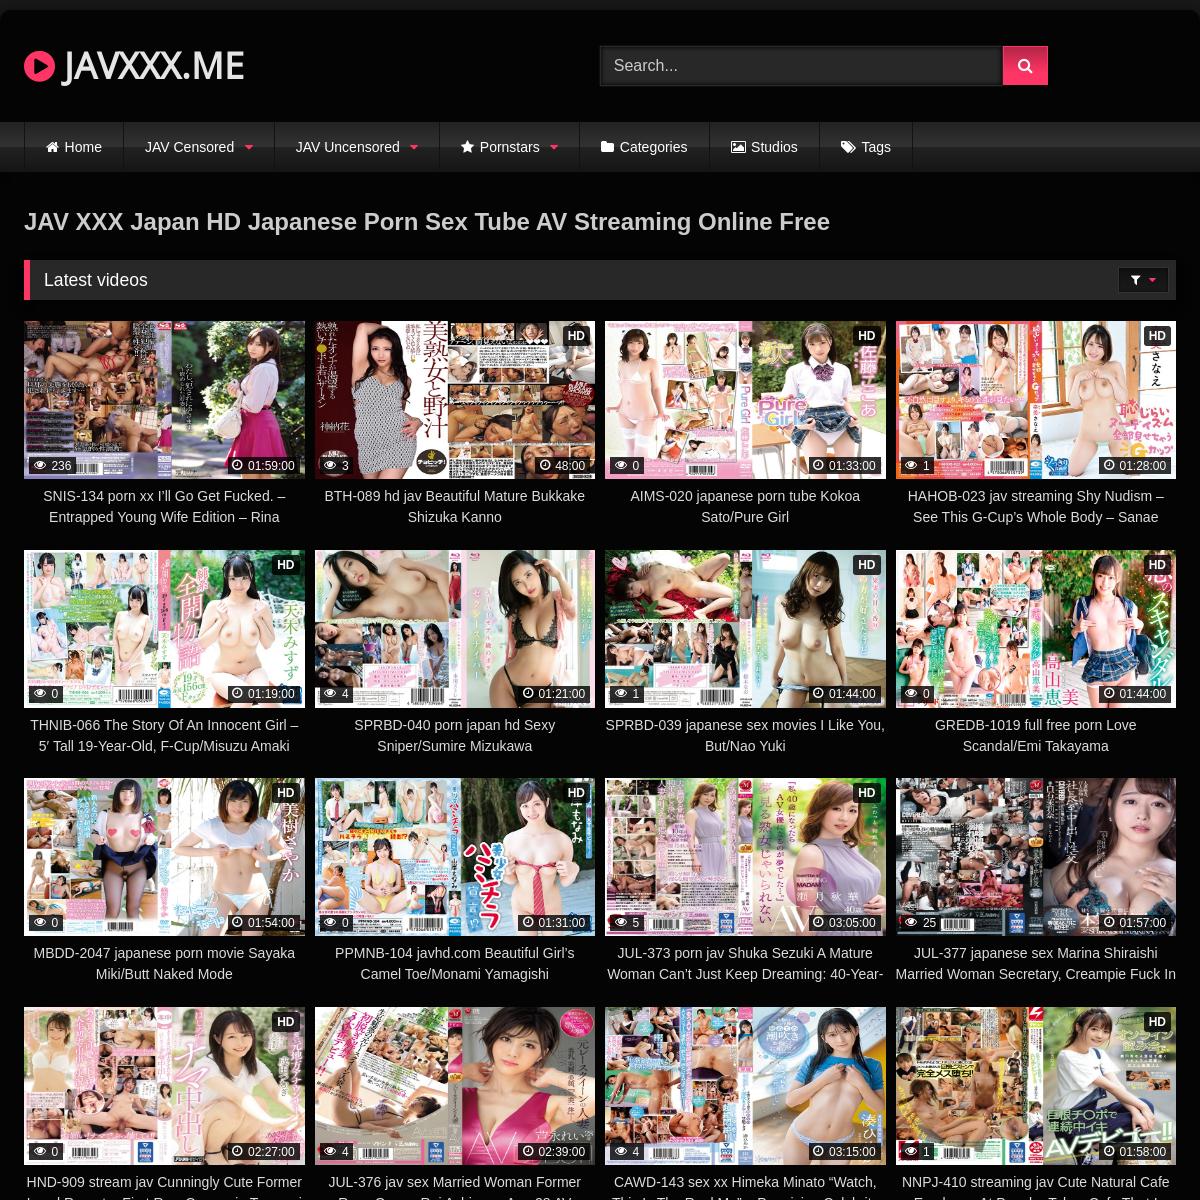 Jav Xxx Japan Hd Japanese Porn Sex Tube Av Streaming Online Free